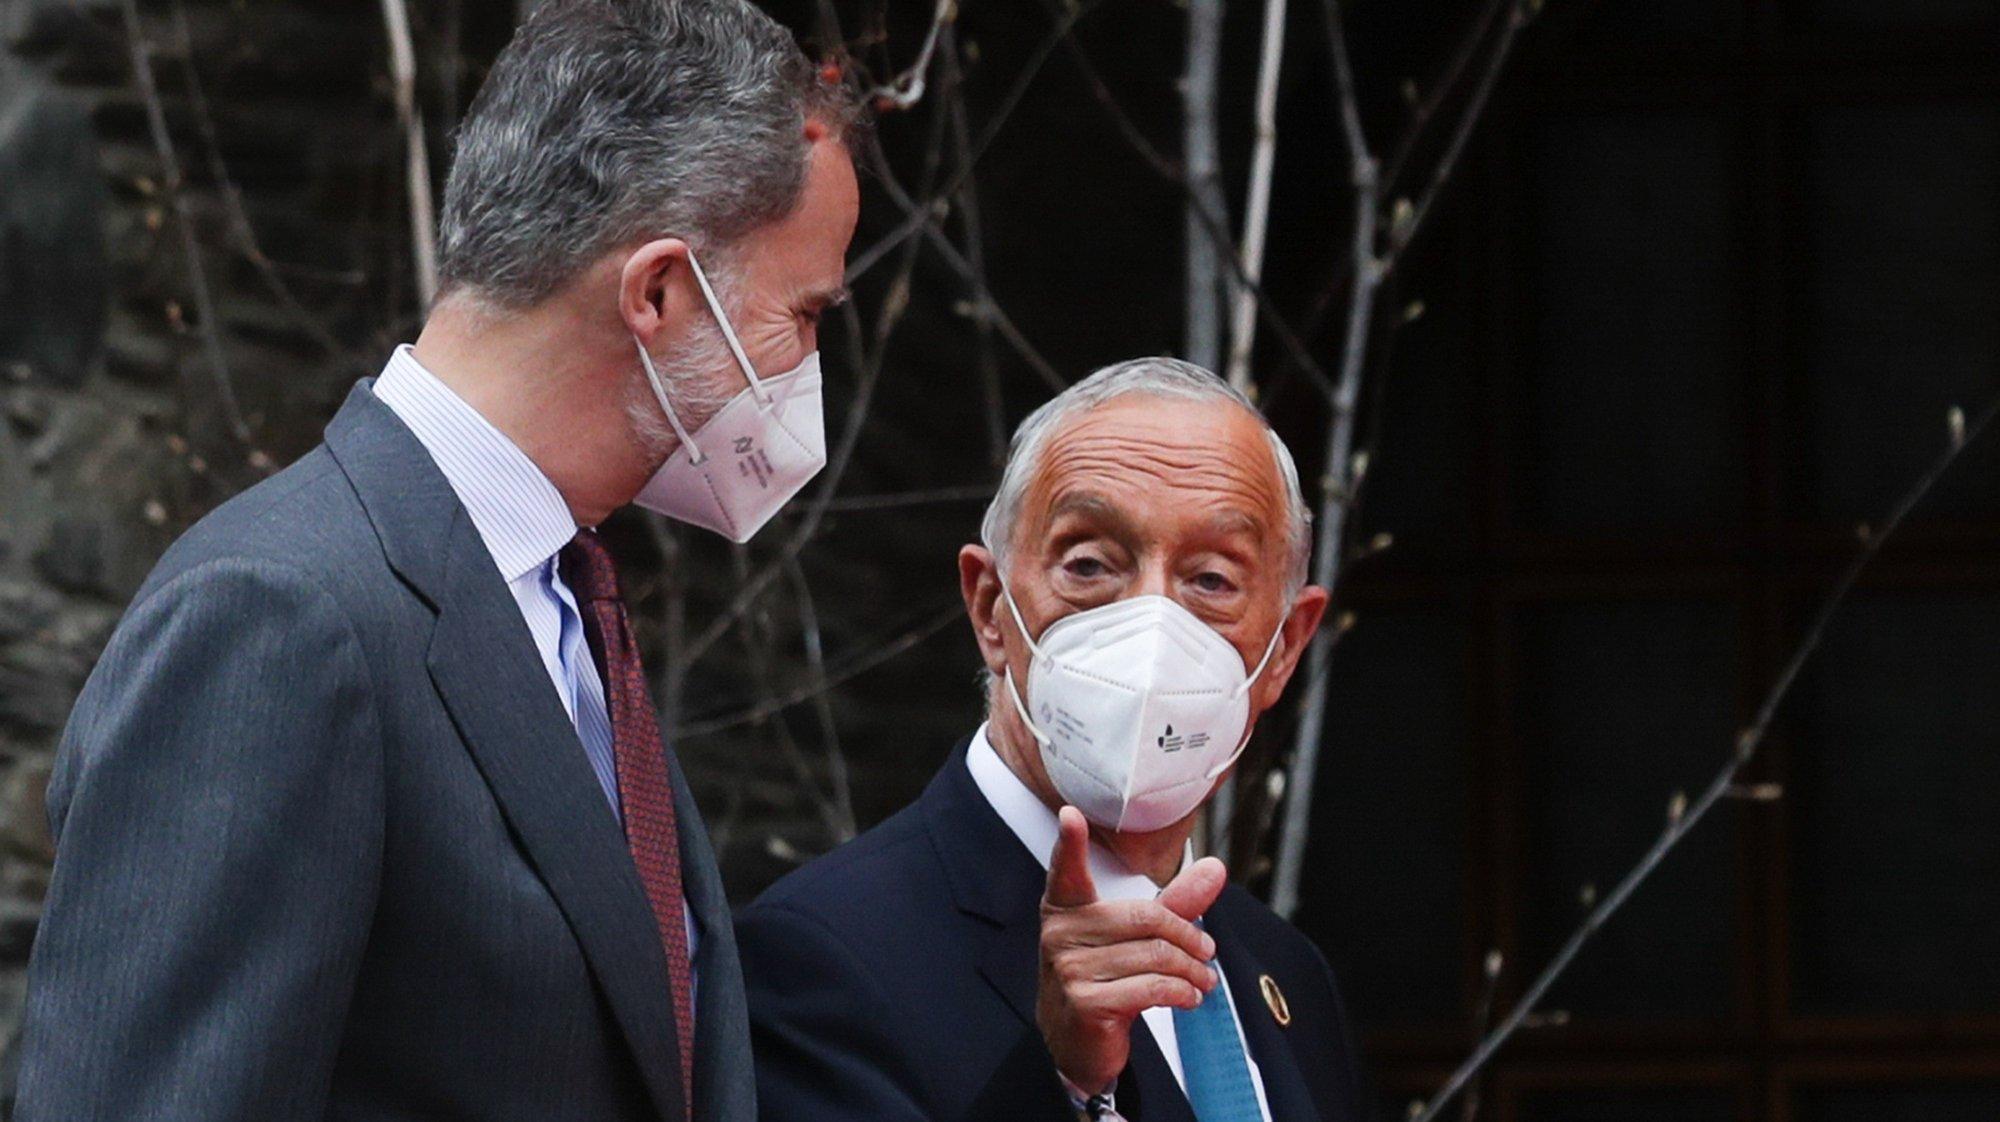 O Presidente da República, Marcelo Rebelo de Sousa (D), conversa com o Rei de Espanha, Filipe VI (E), à chegada para participar na sessão plenária da XXVII Cimeira Ibero-Americana, em Andorra, 21 de abril de 2021. TIAGO PETINGA/LUSA